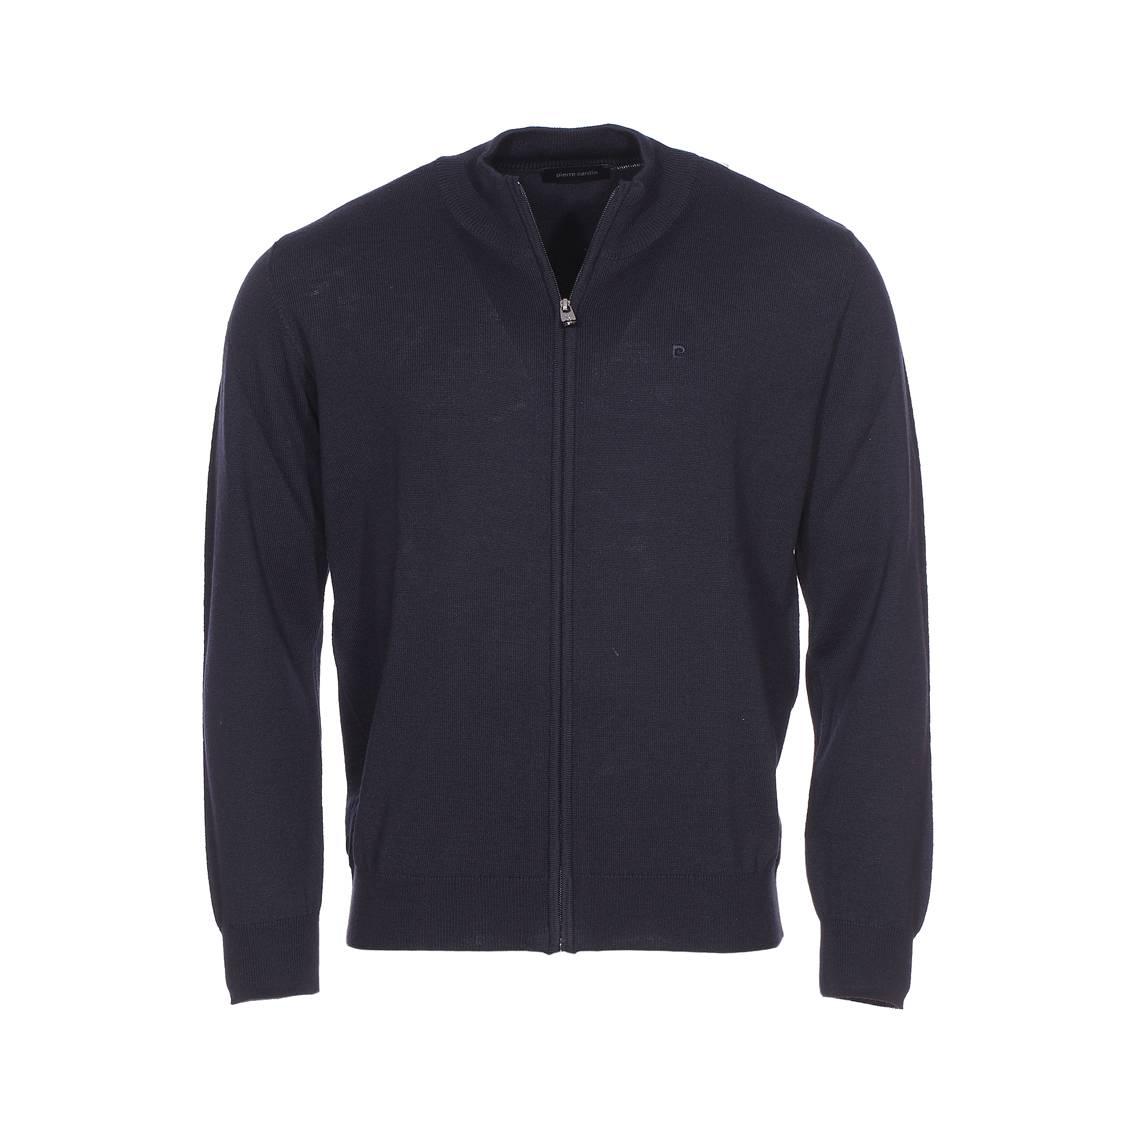 Gilet zippé Pierre Cardin en laine mélangée bleu marine